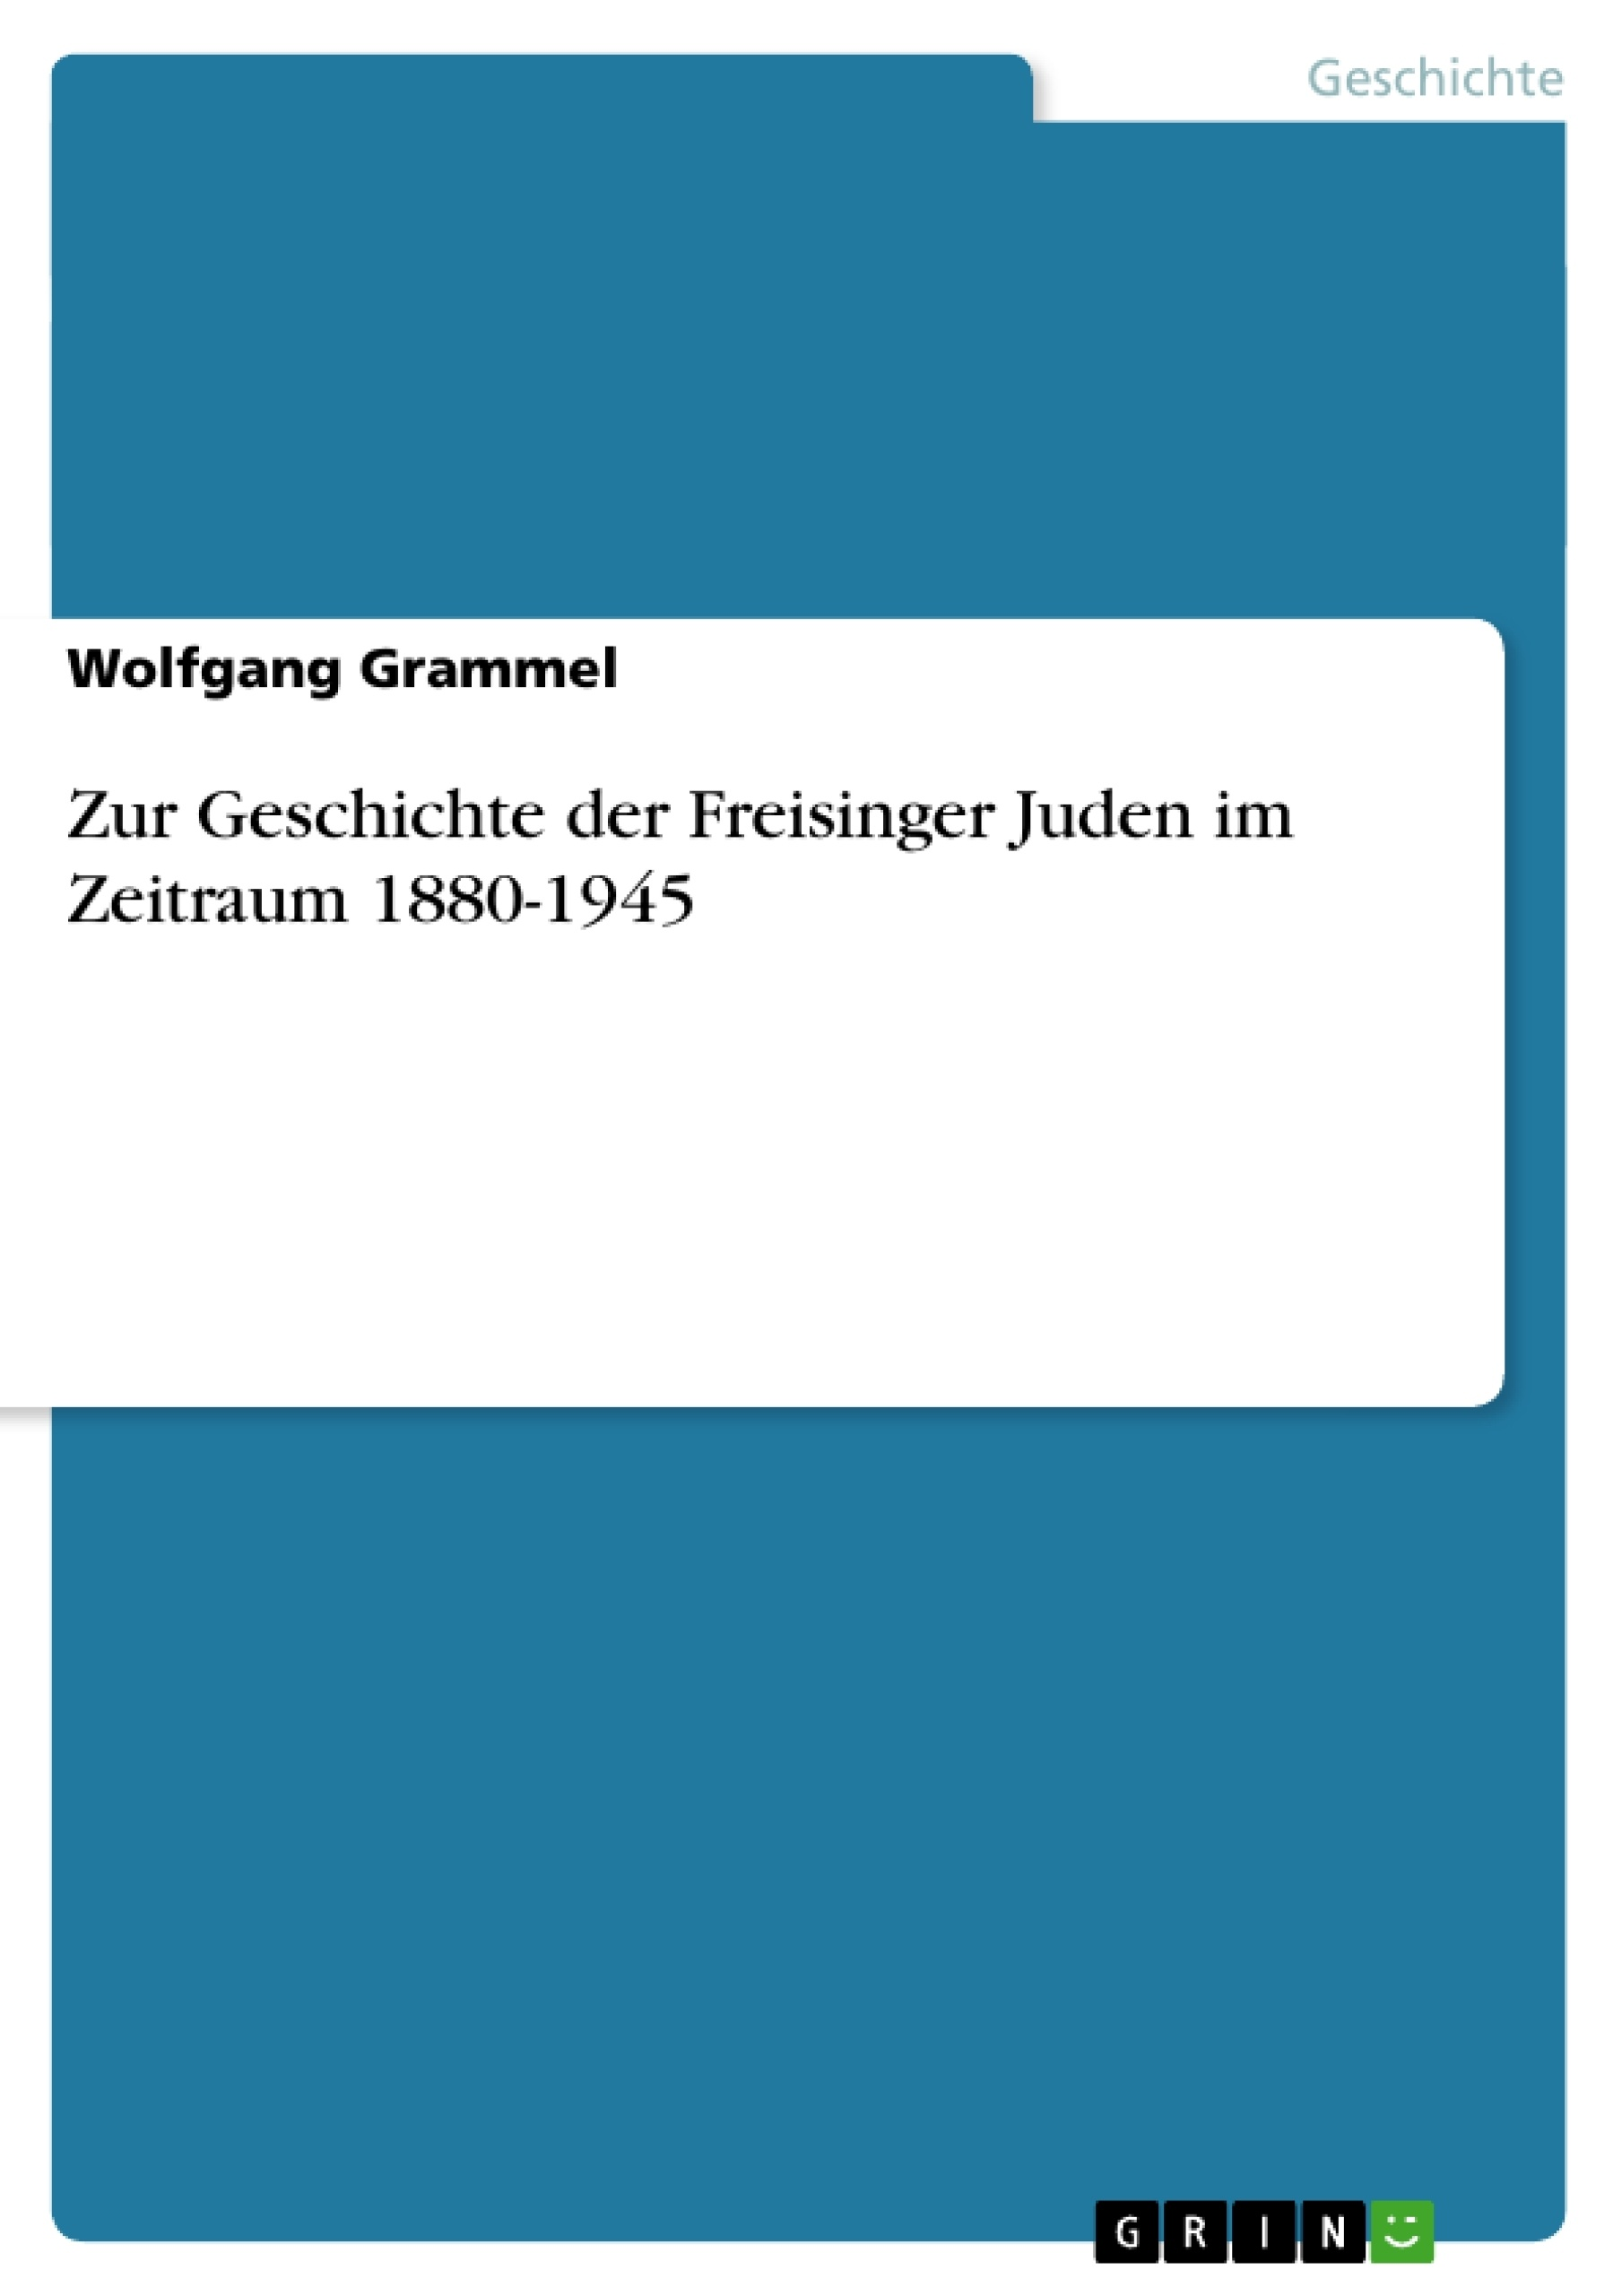 Titel: Zur Geschichte der Freisinger Juden im Zeitraum 1880-1945